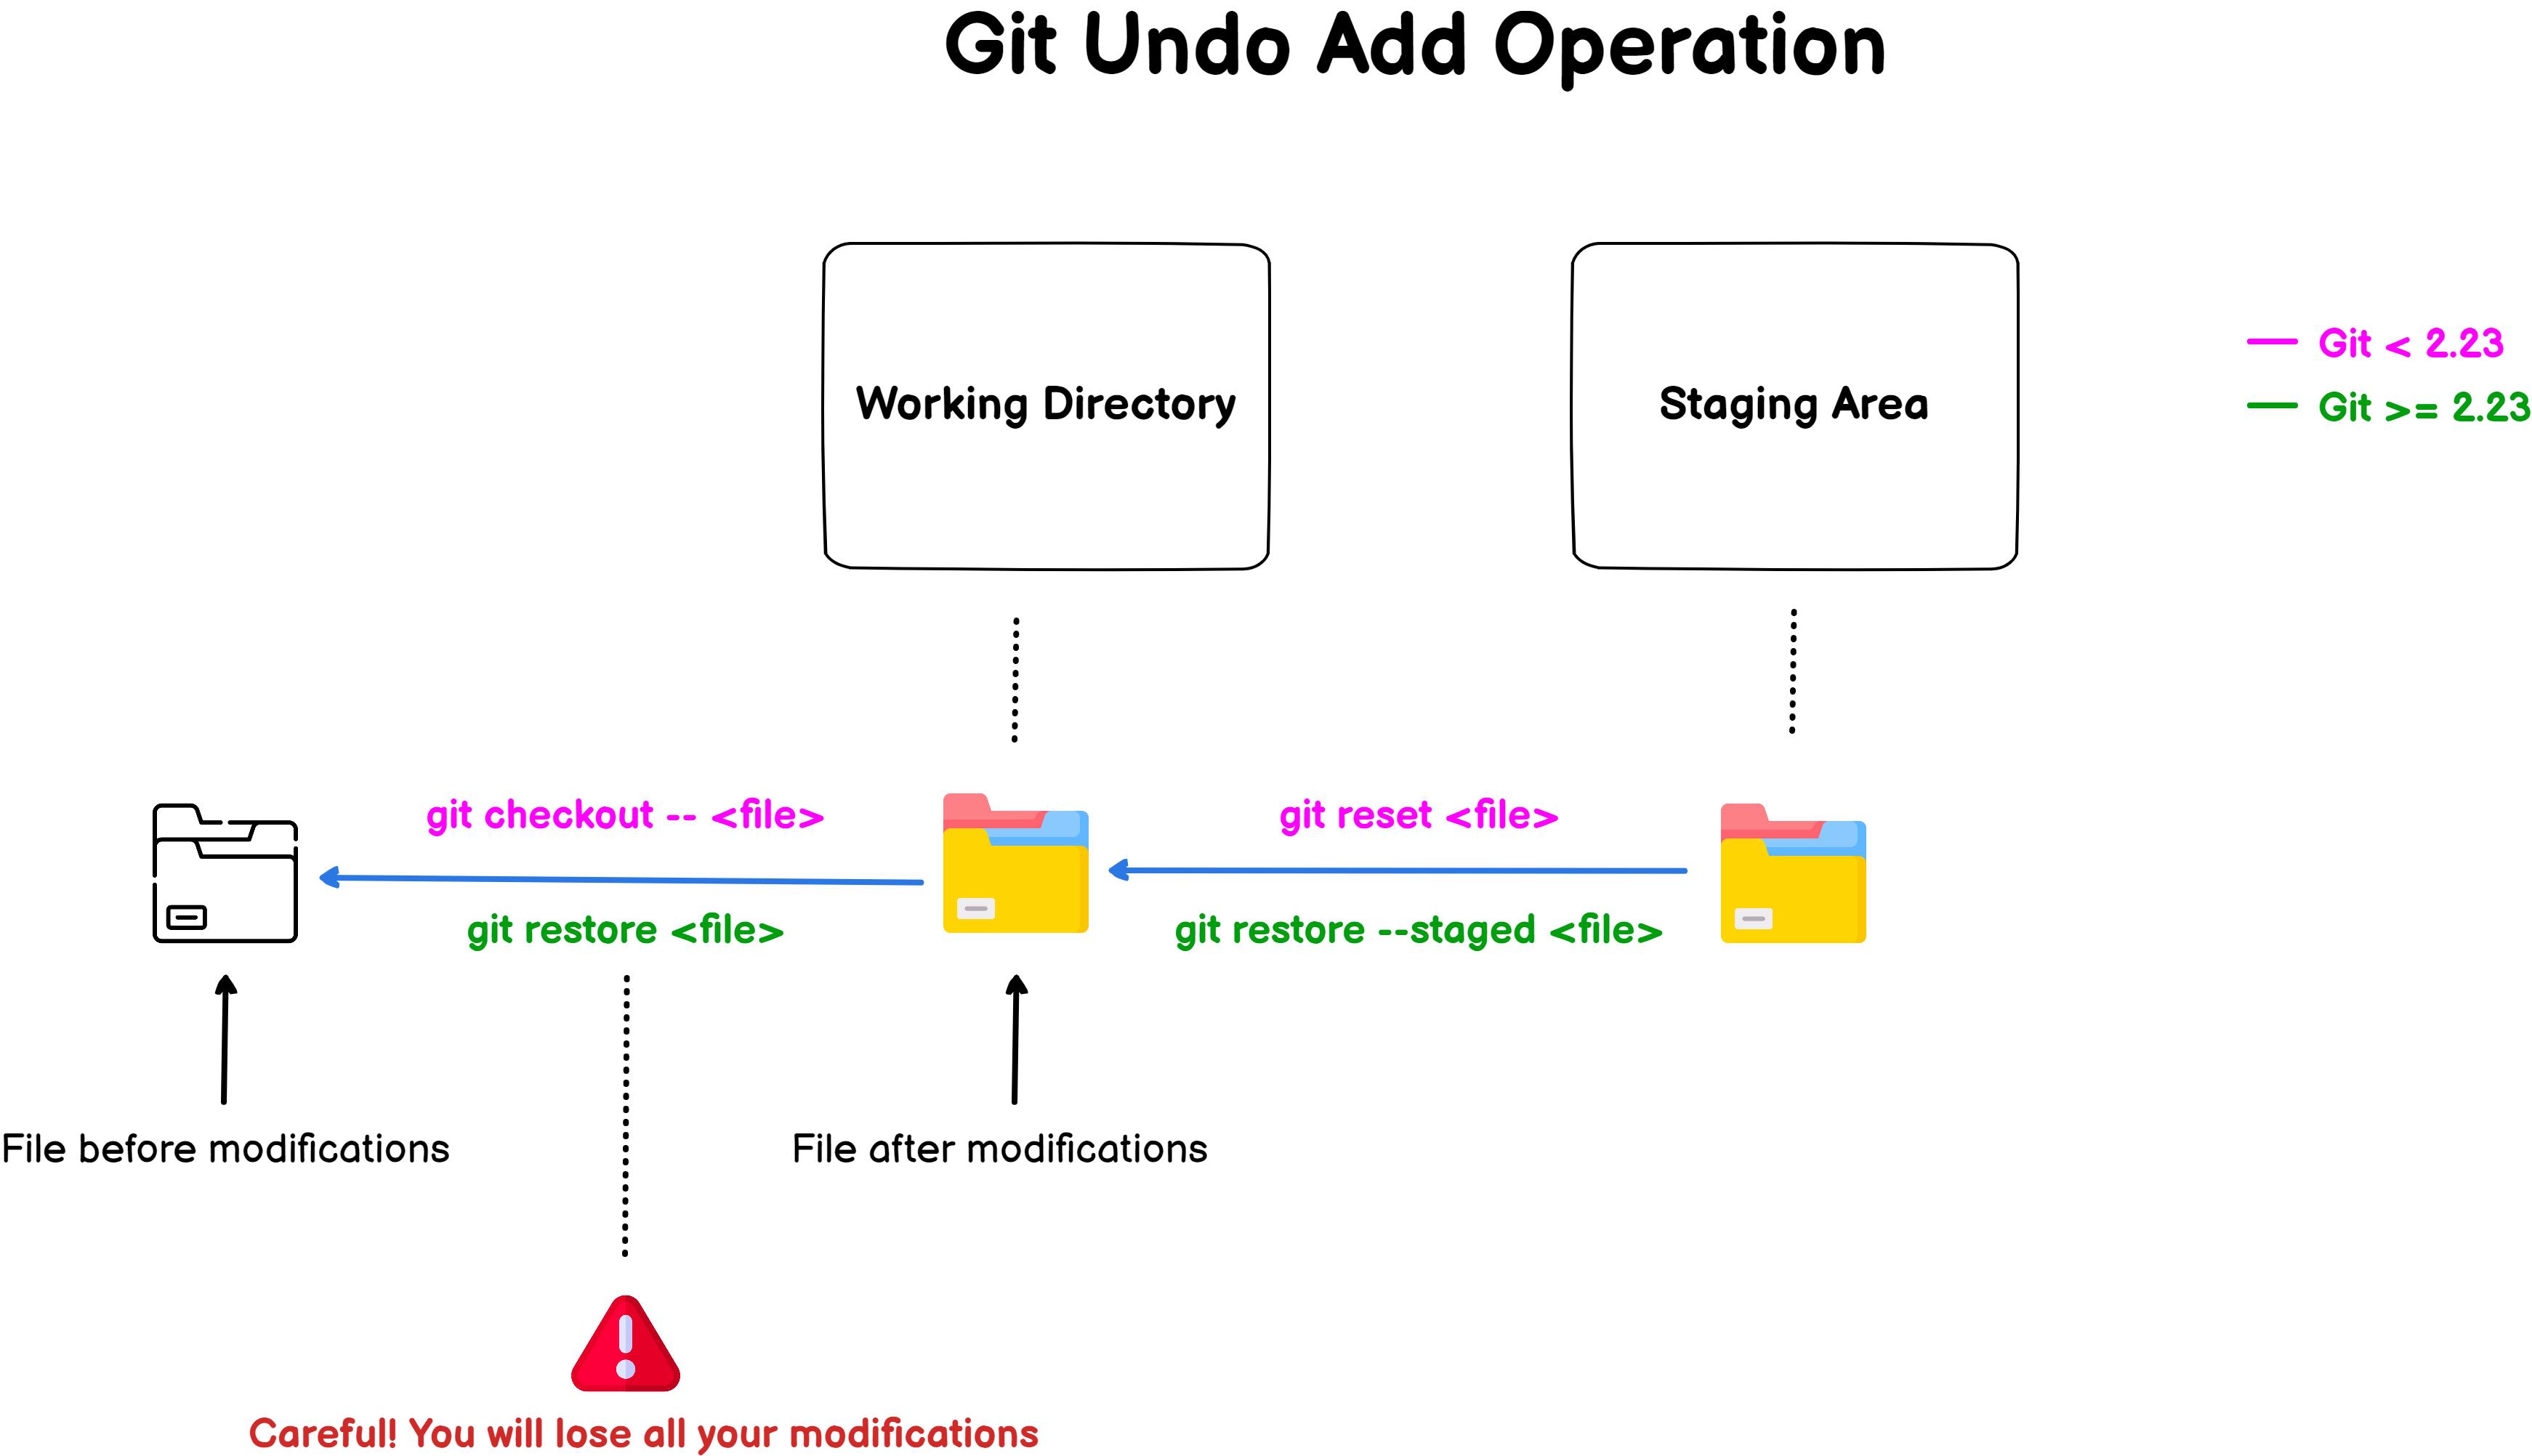 git undo add complete schema